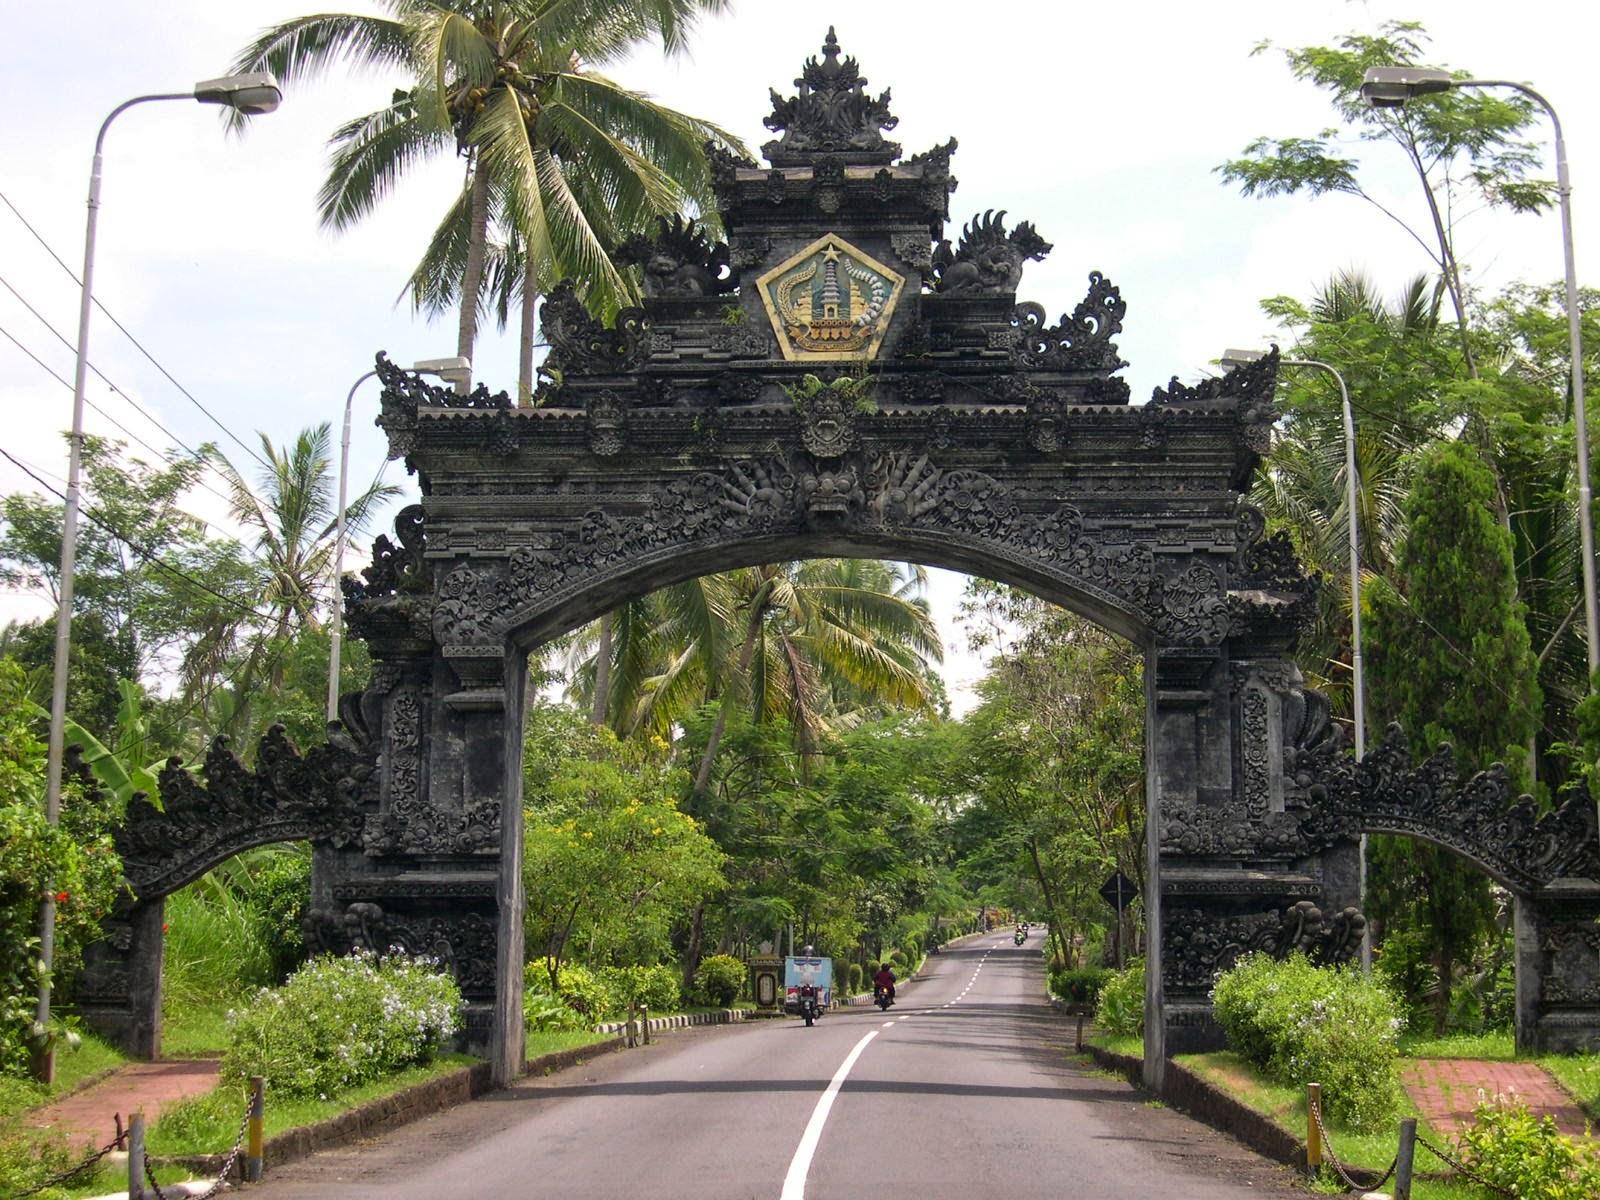 8 Tempat Wisata Terkenal Di Kota Bangli Yang Wajib Untuk